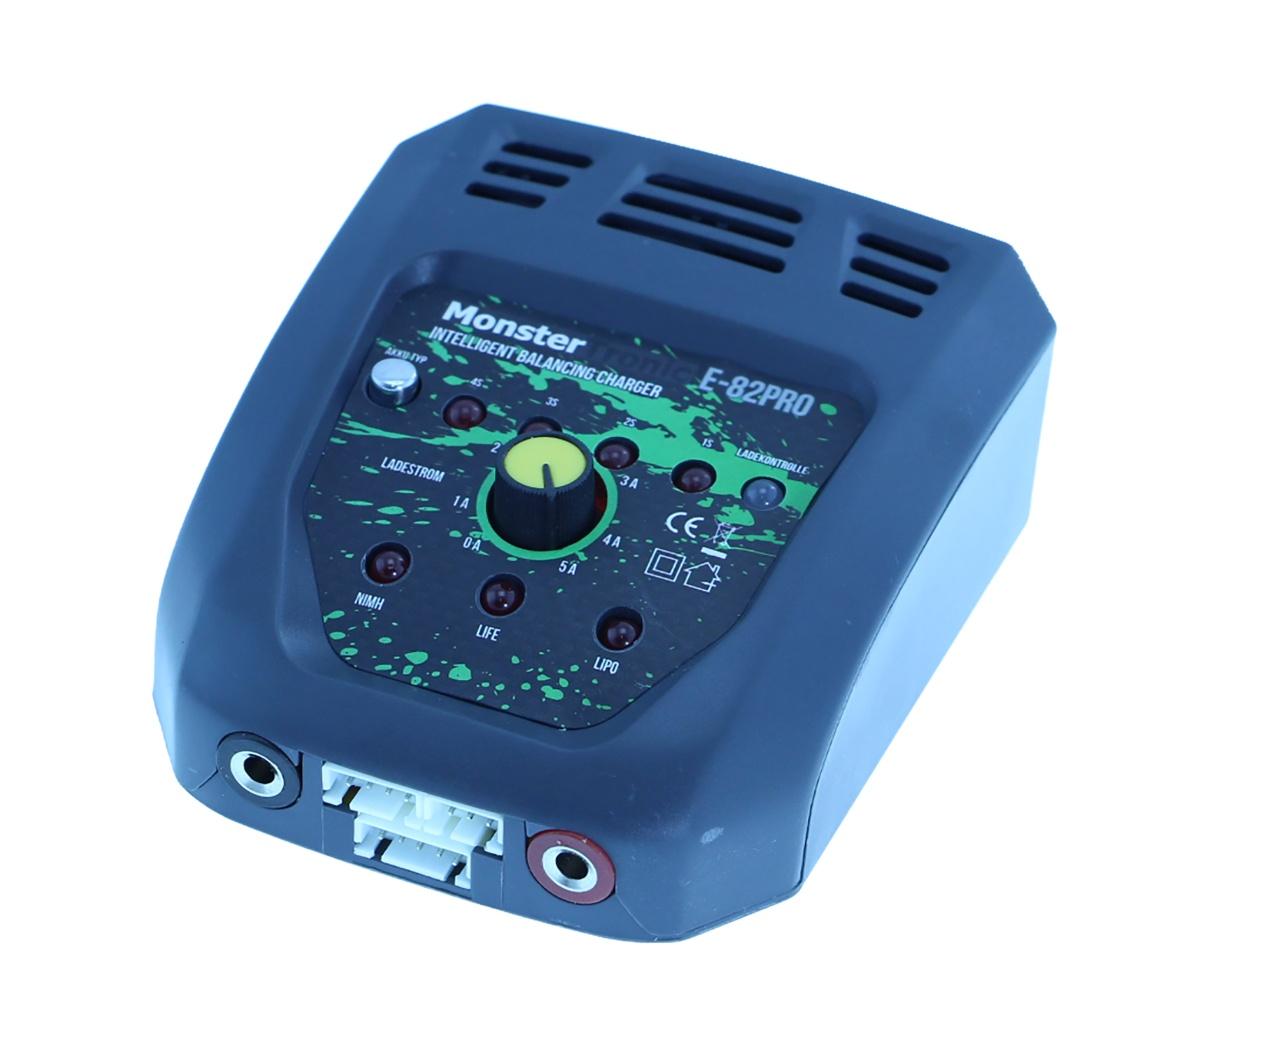 Ladegerät E-82Pro 50 Watt